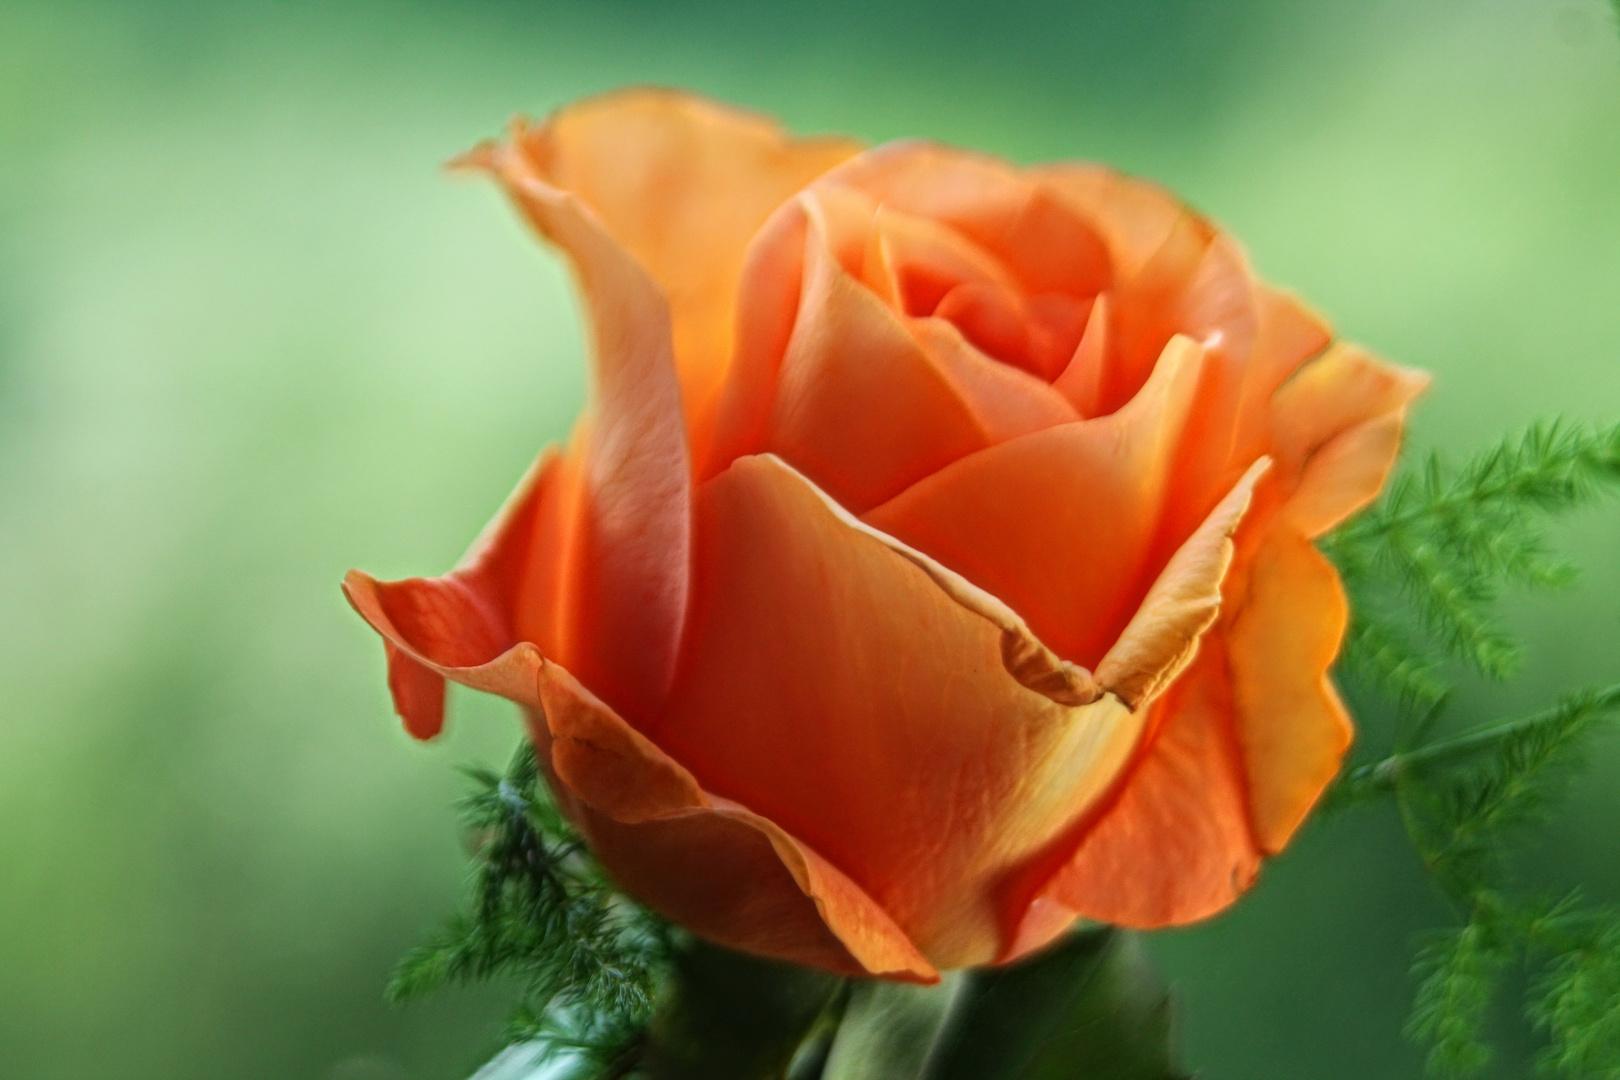 Ein Blumengruß an alle Hobbyfotografen